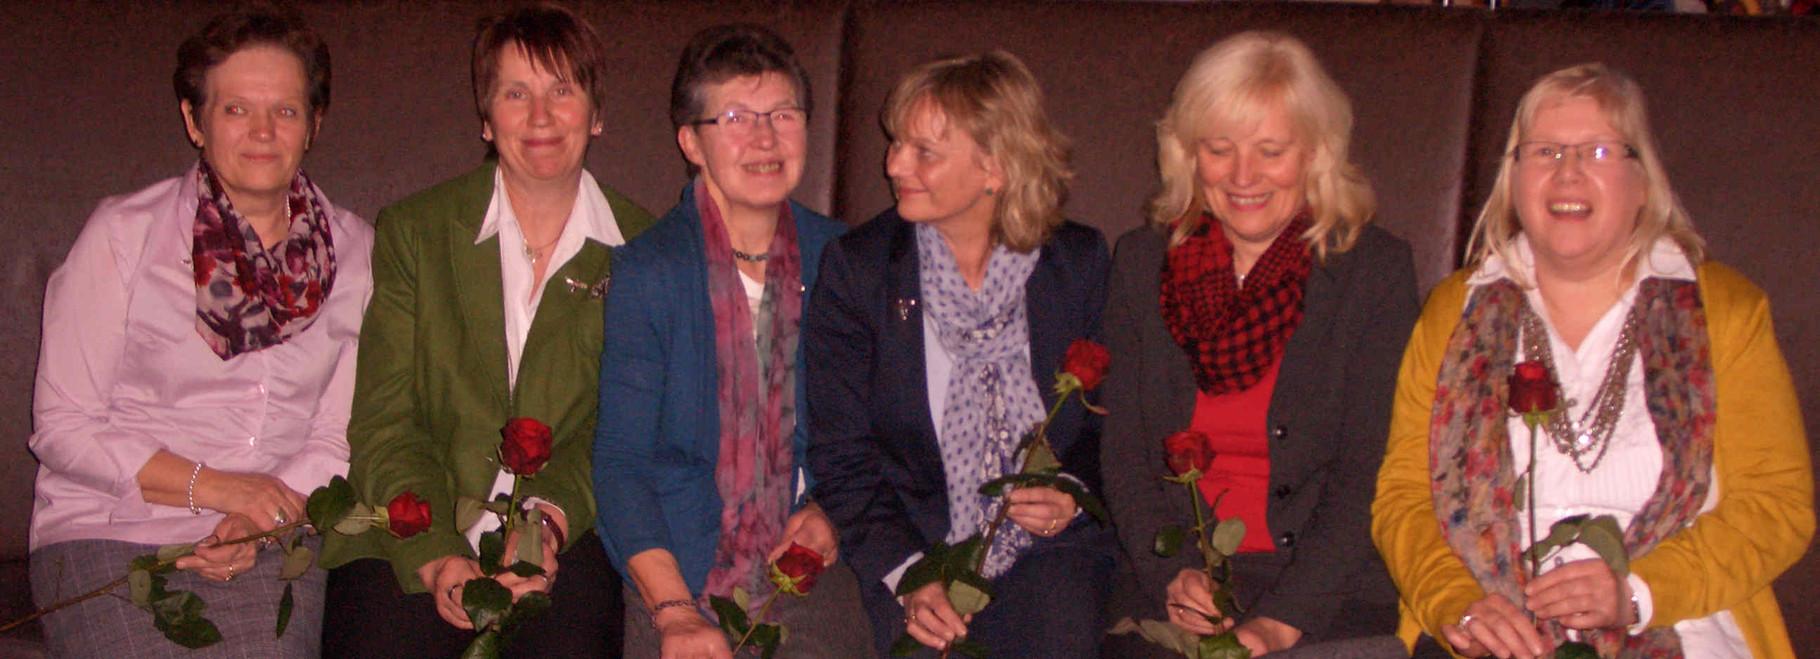 Aus dem Vorstand verabschiedete Landfrauen